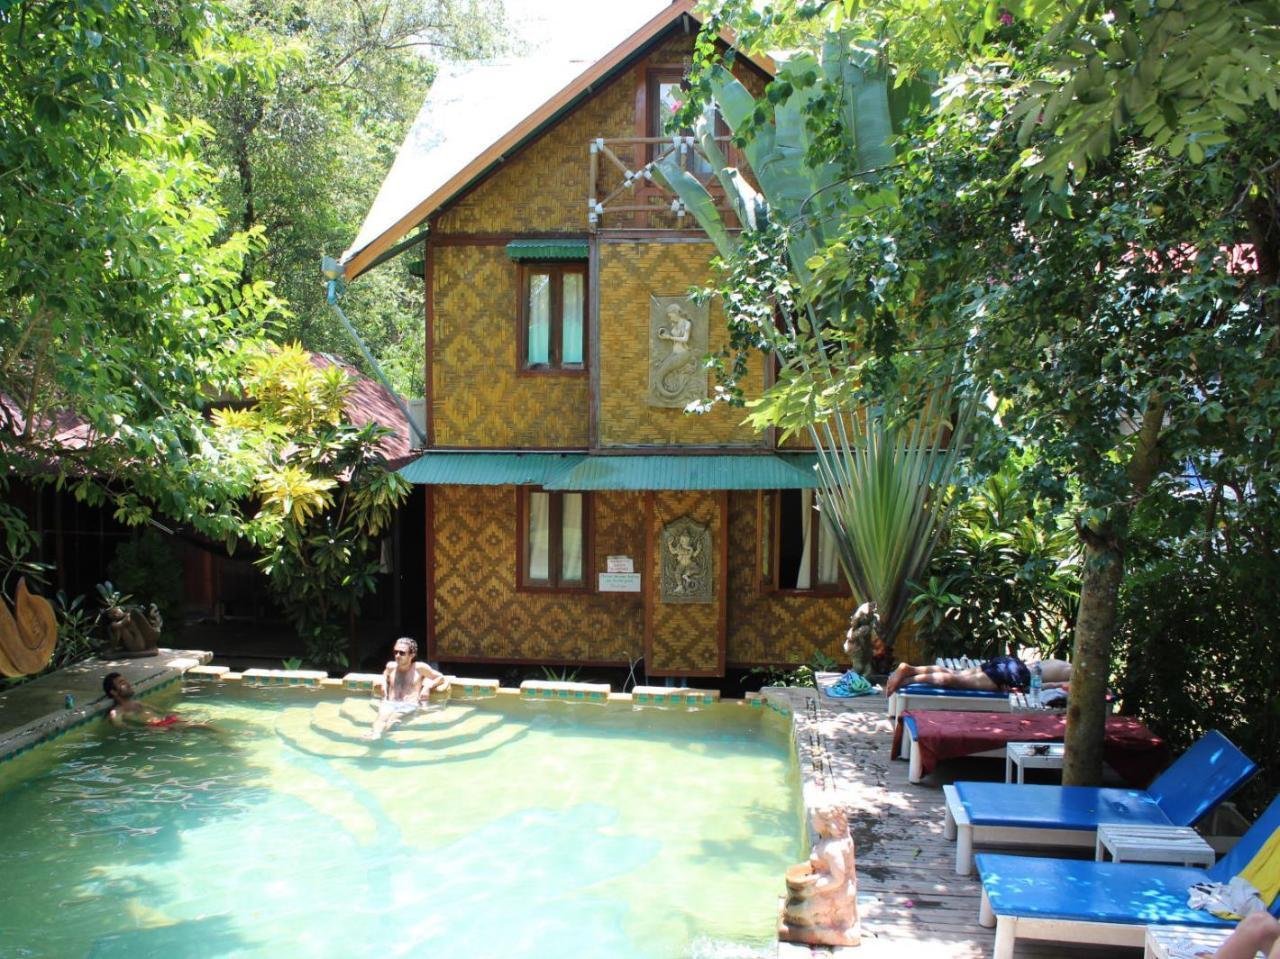 ทรอปิคอล การ์เดน บังกะโล (Tropical Garden Bungalow)